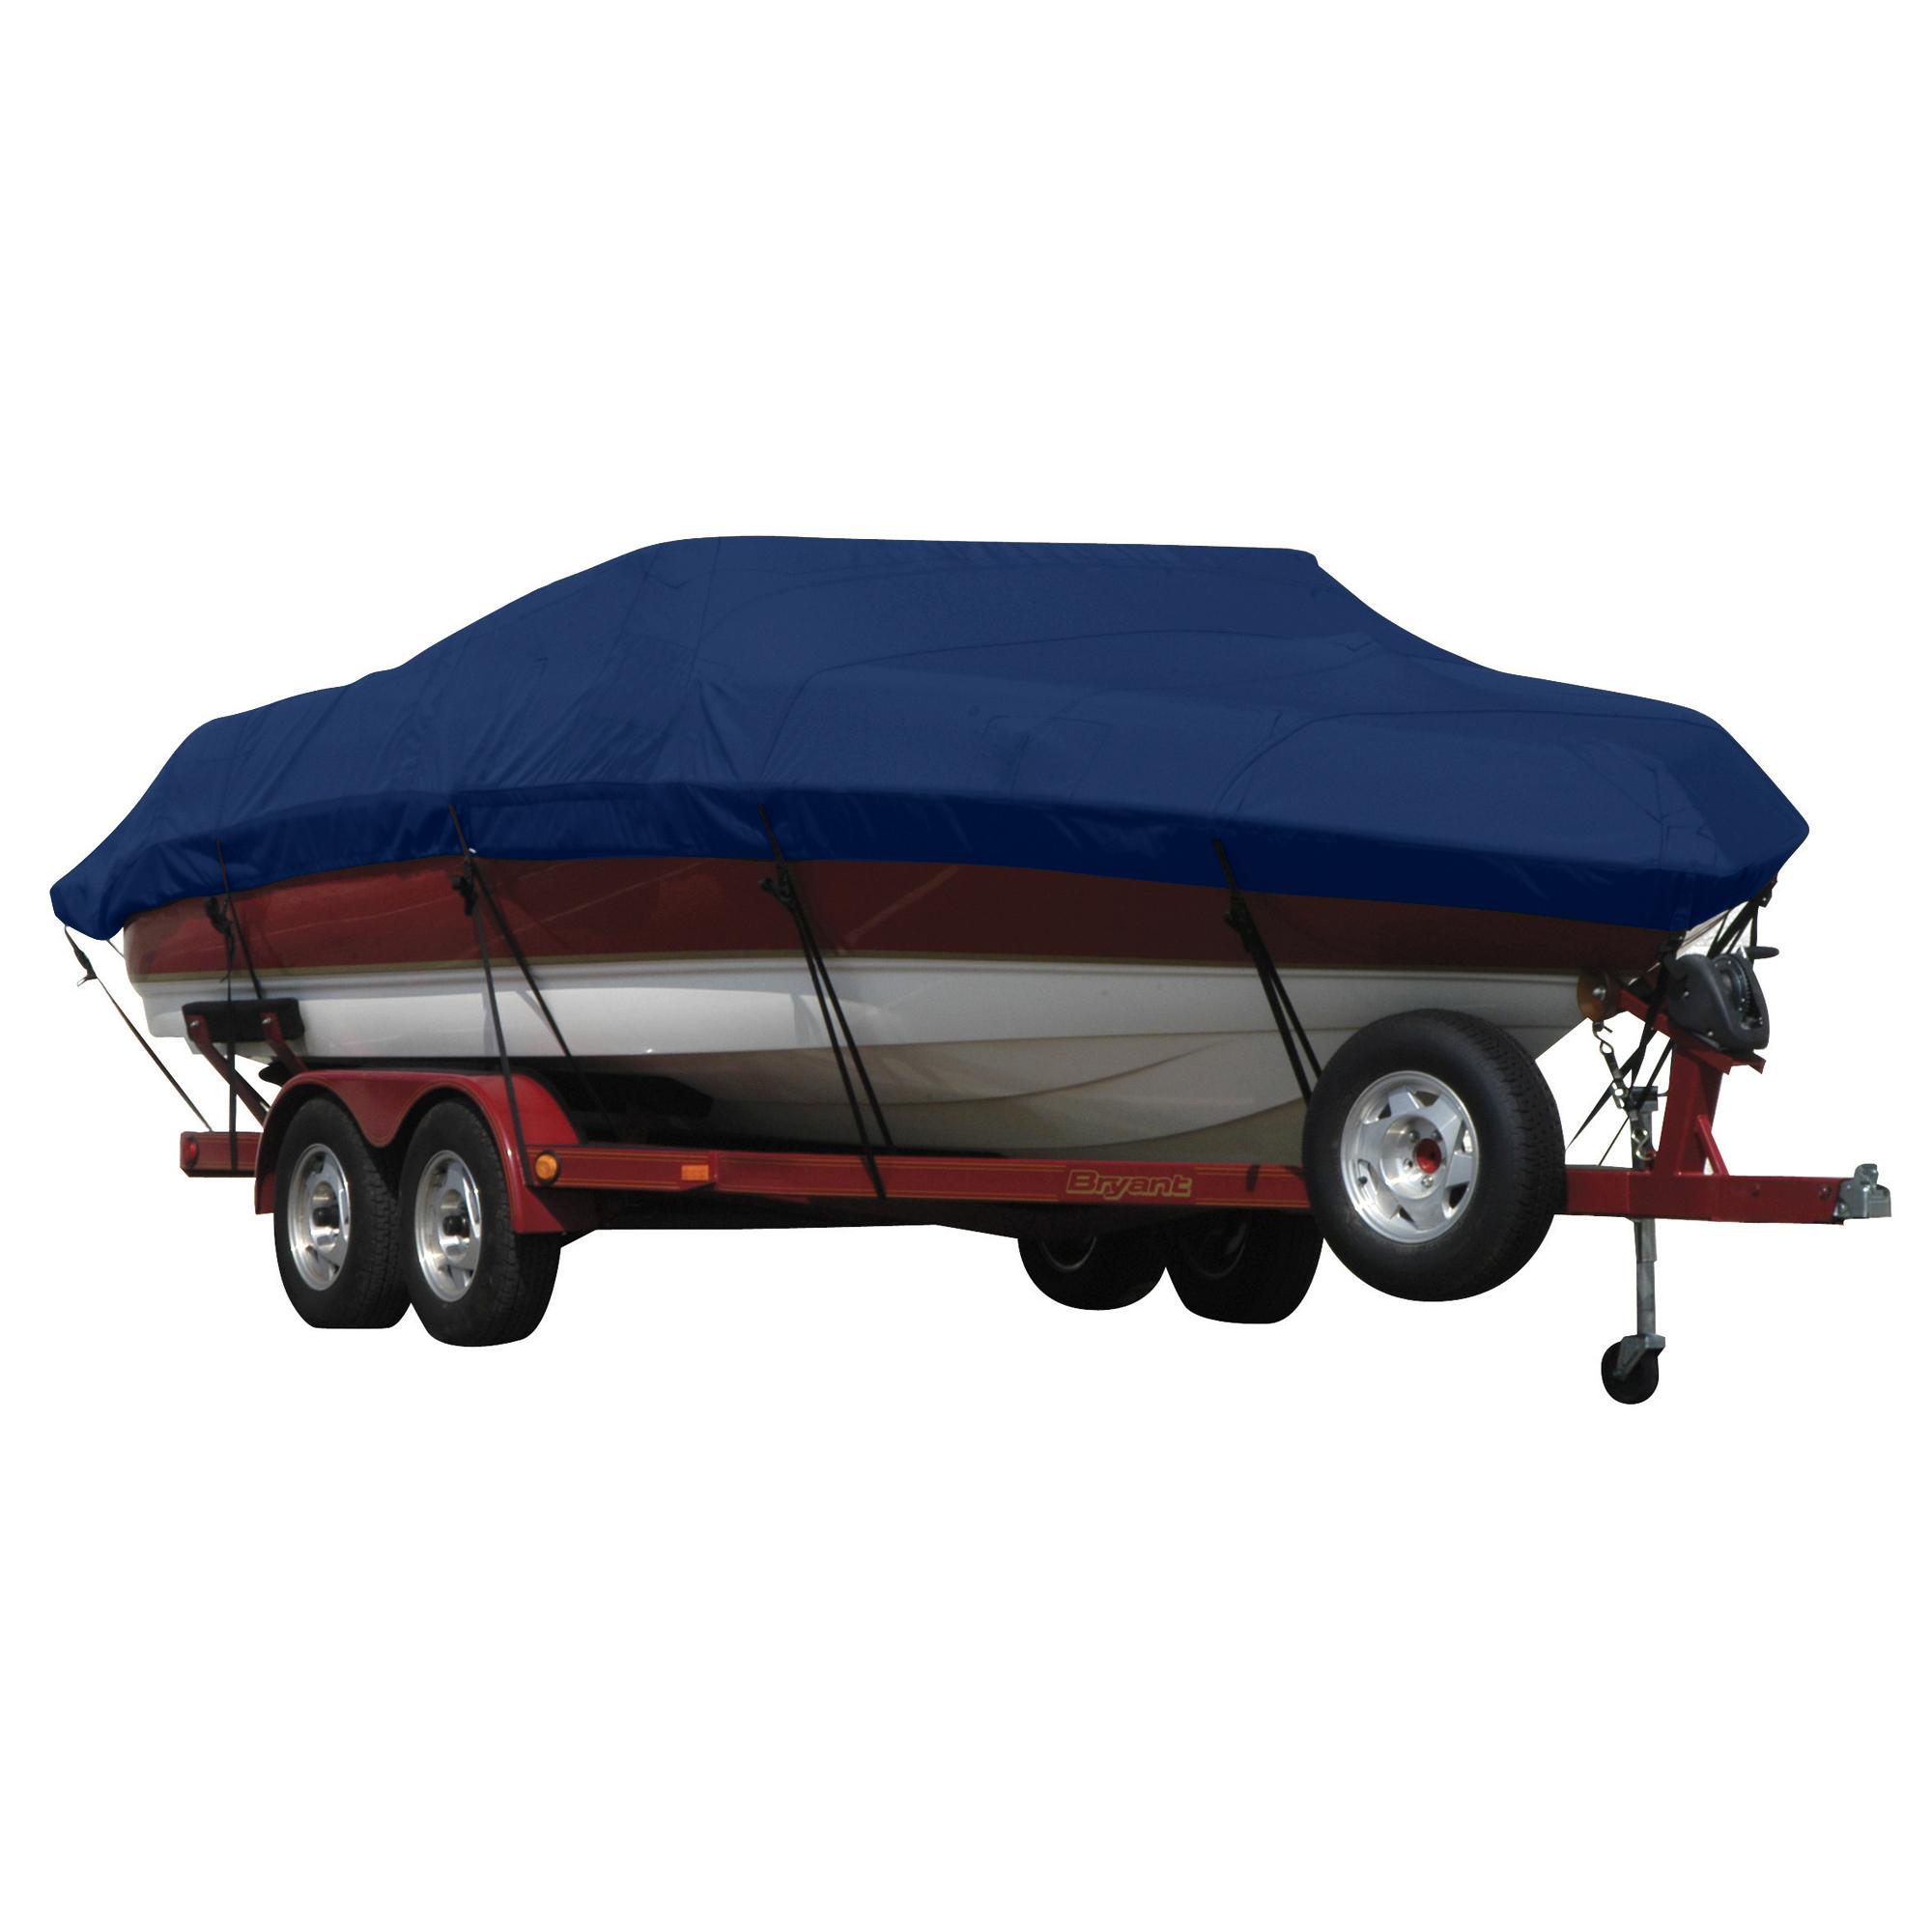 Exact Fit Covermate Sunbrella Boat Cover for Princecraft Super Pro 176 Super Pro 176 Fish N Promenade W/Ski Rope Guard O/B. Marine Blue